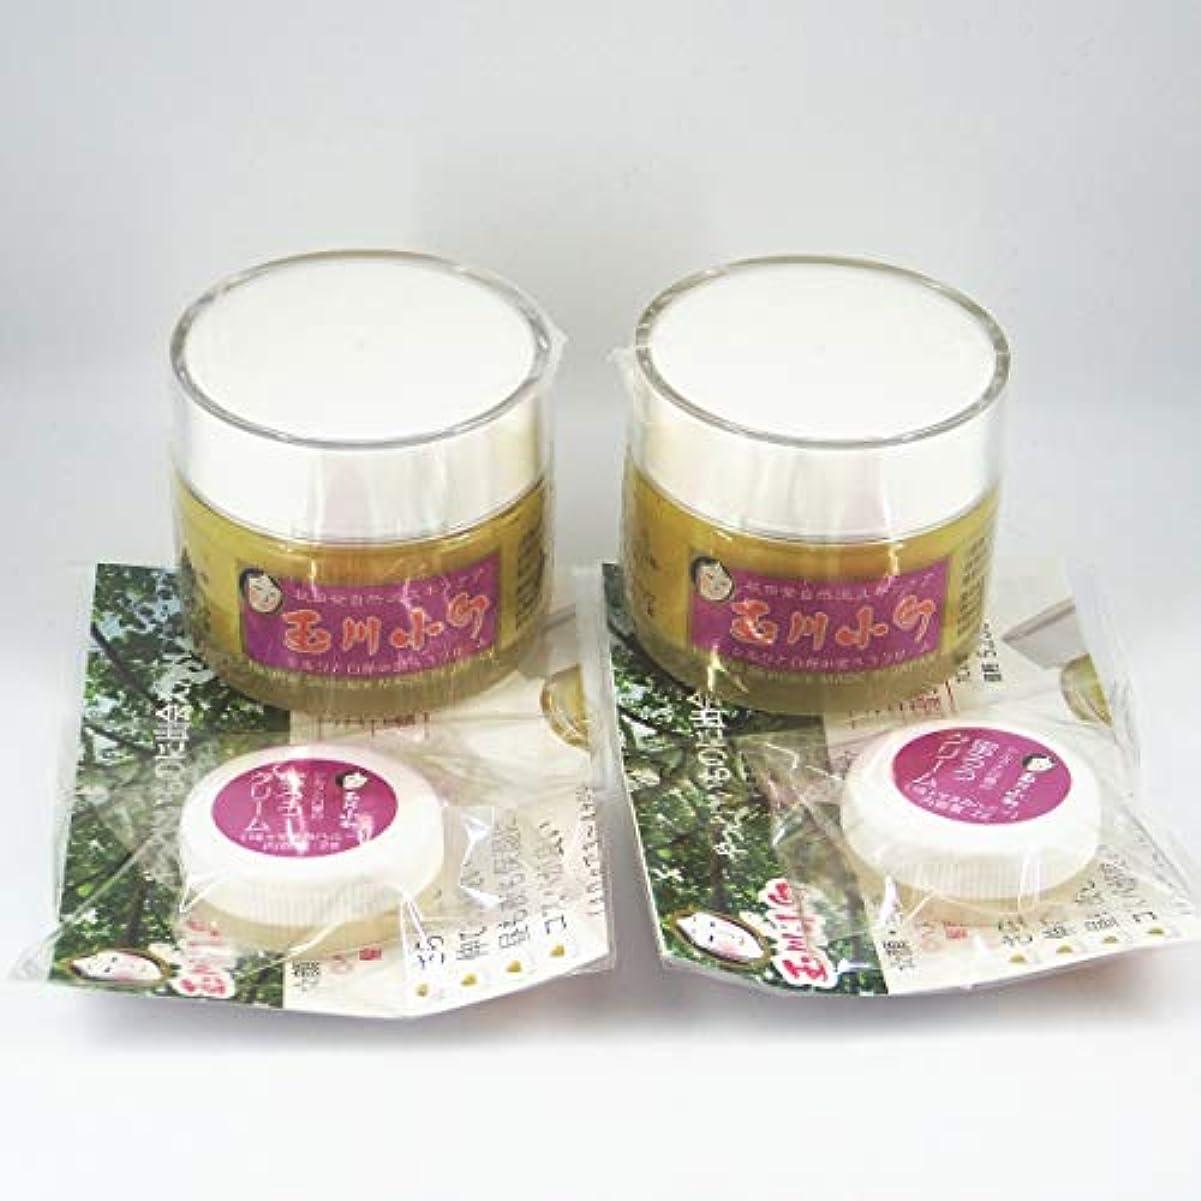 悪因子冷酷な遺跡玉川小町シルクと白樺の蜜ろうクリーム 2g×2個付お得セット